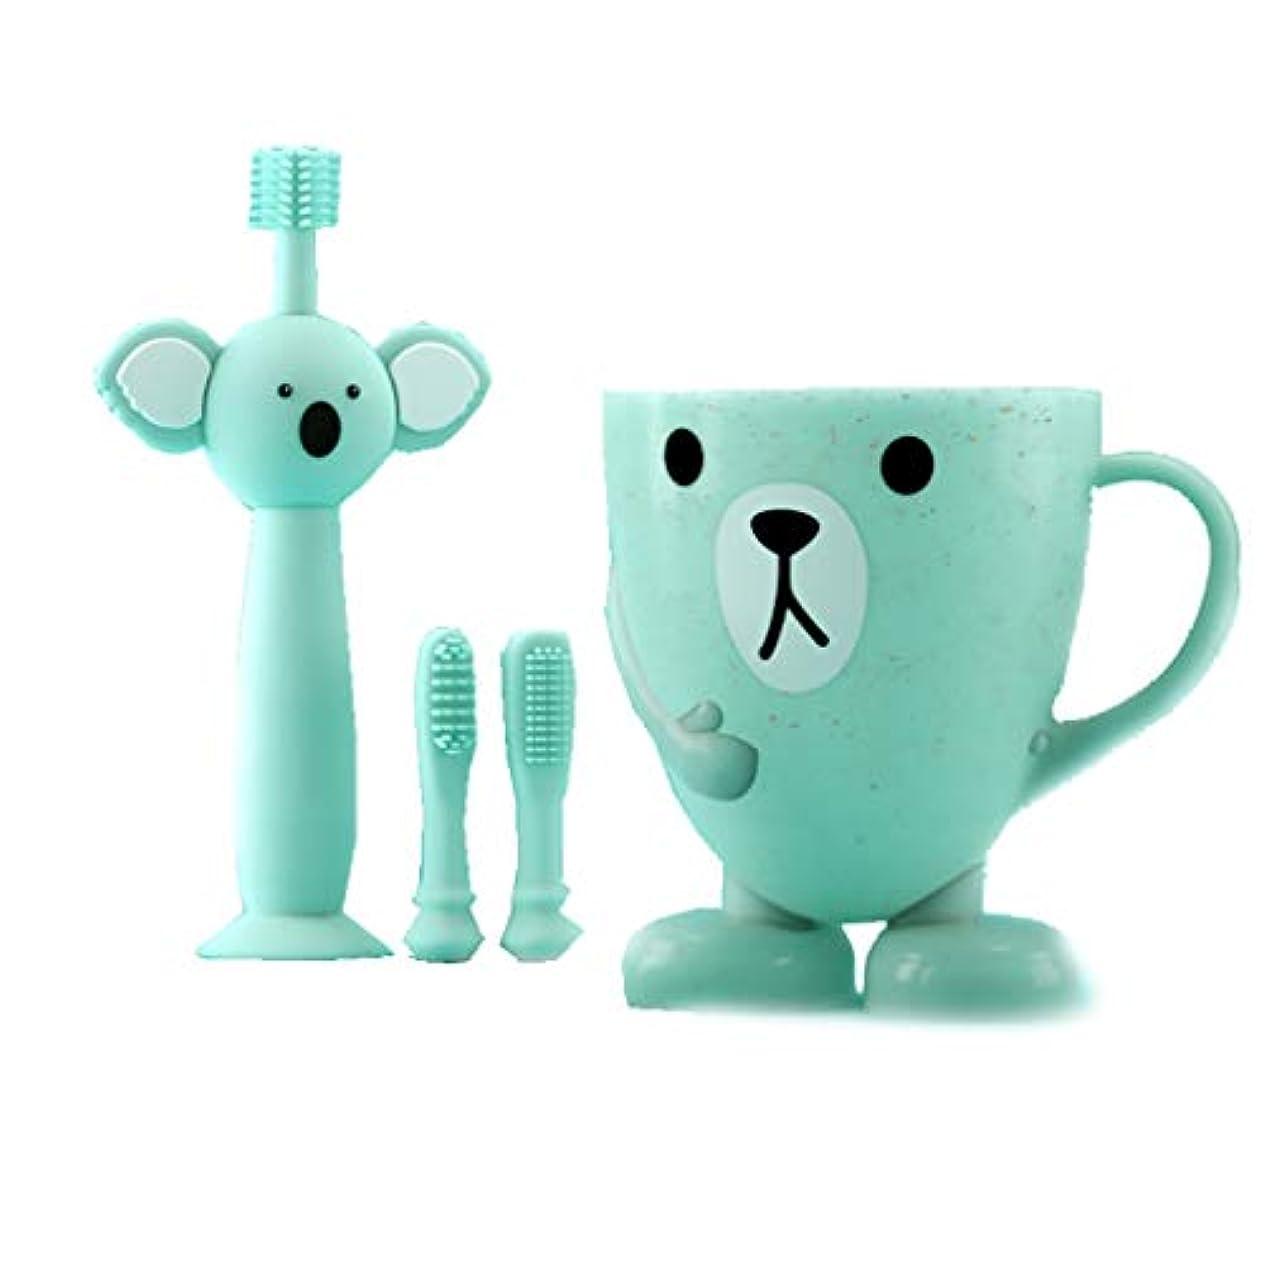 便益会話型なくなる赤ちゃんの歯ブラシの子供、360度きれいな柔らかい髪、慎重に選択されたシリコーン材料、歯をきれいにしながら歯茎をマッサージします。 (色 : B)